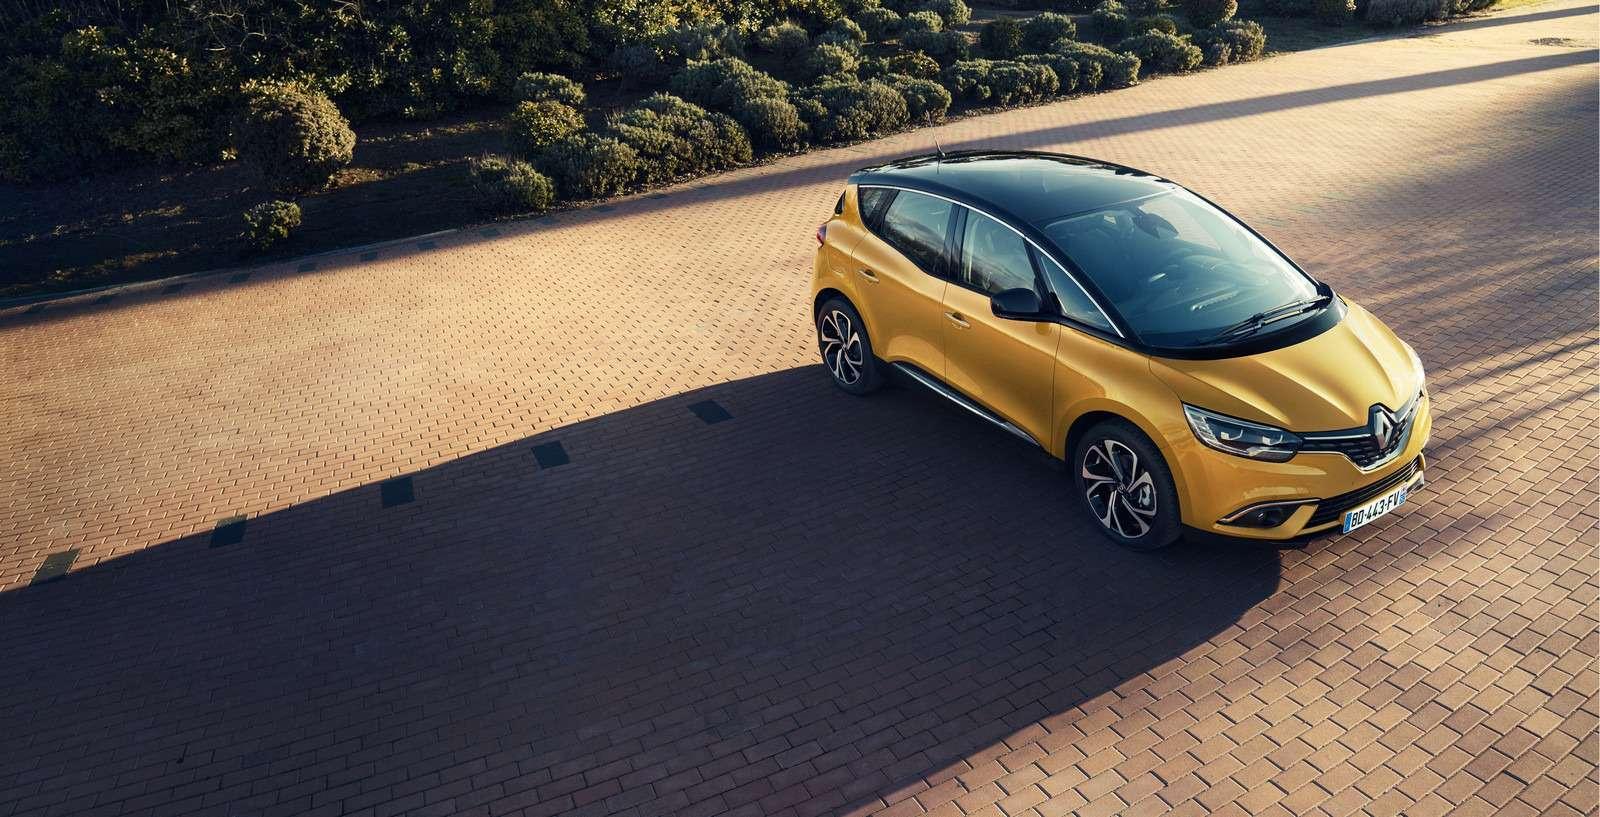 Renault_76033_global_en